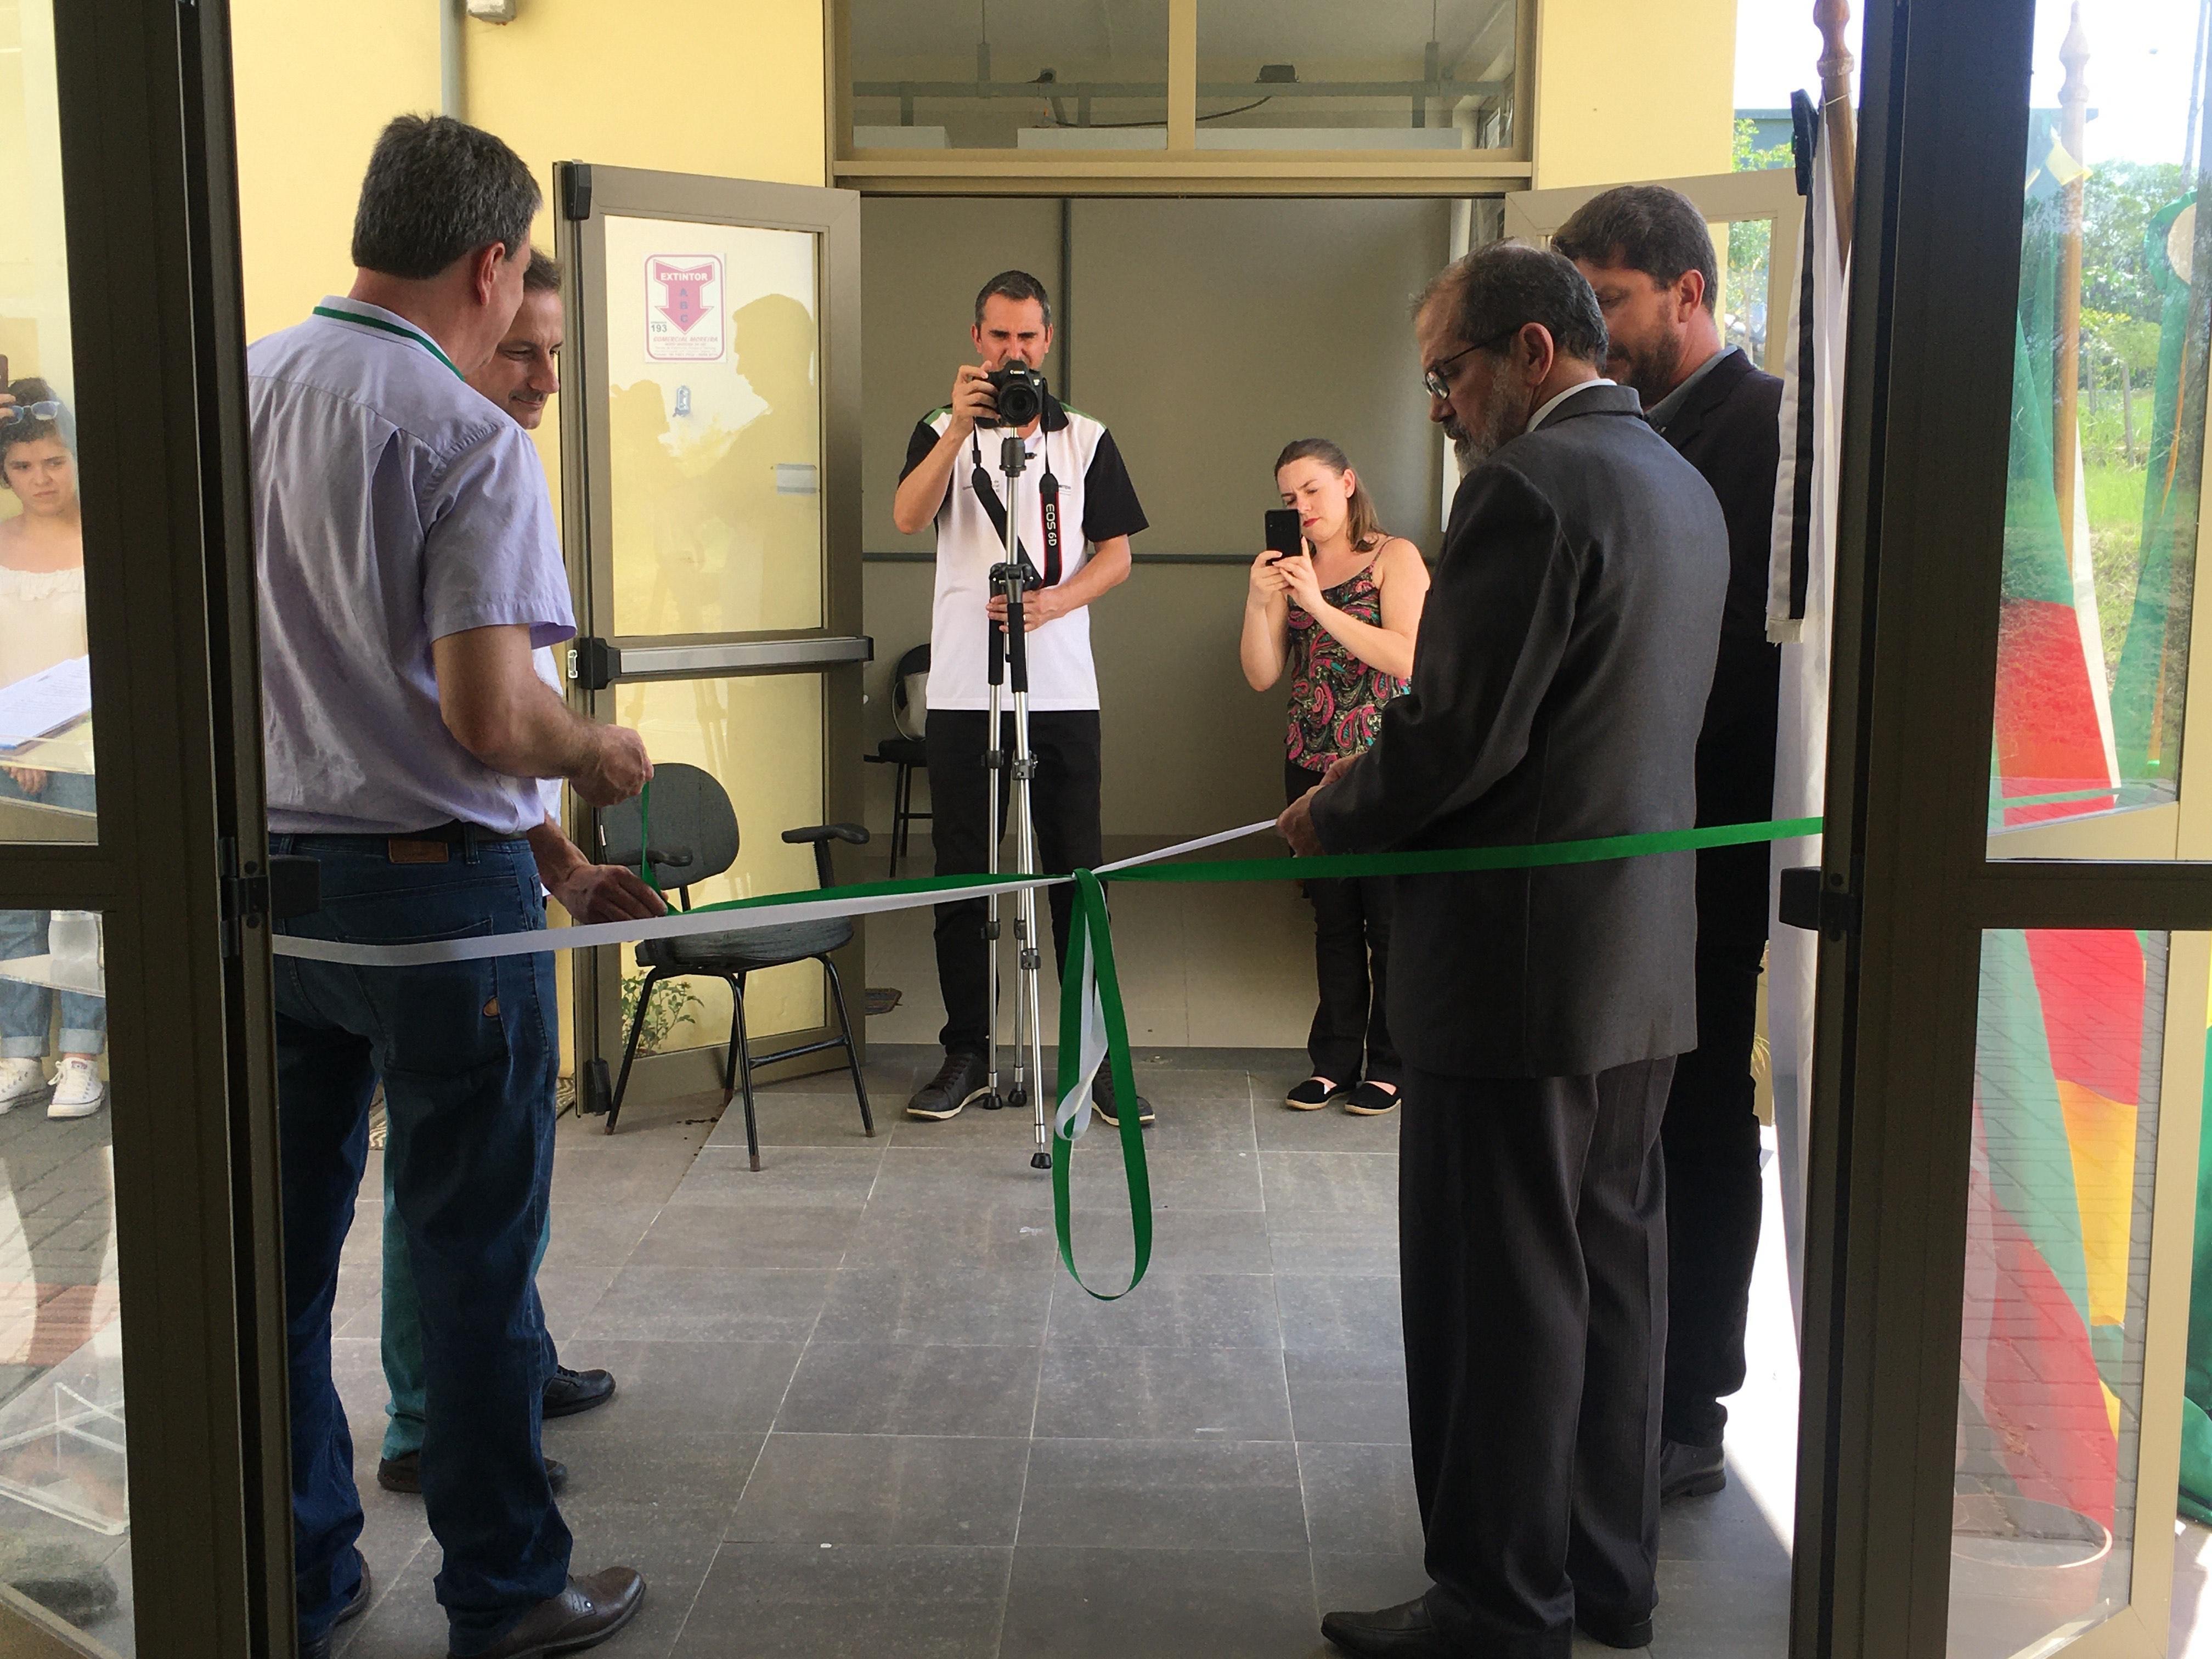 Núcleo de Estudos da Vegetação Antártica foi inaugurado no Campus São Gabriel. Fotos: Tamíris Centeno